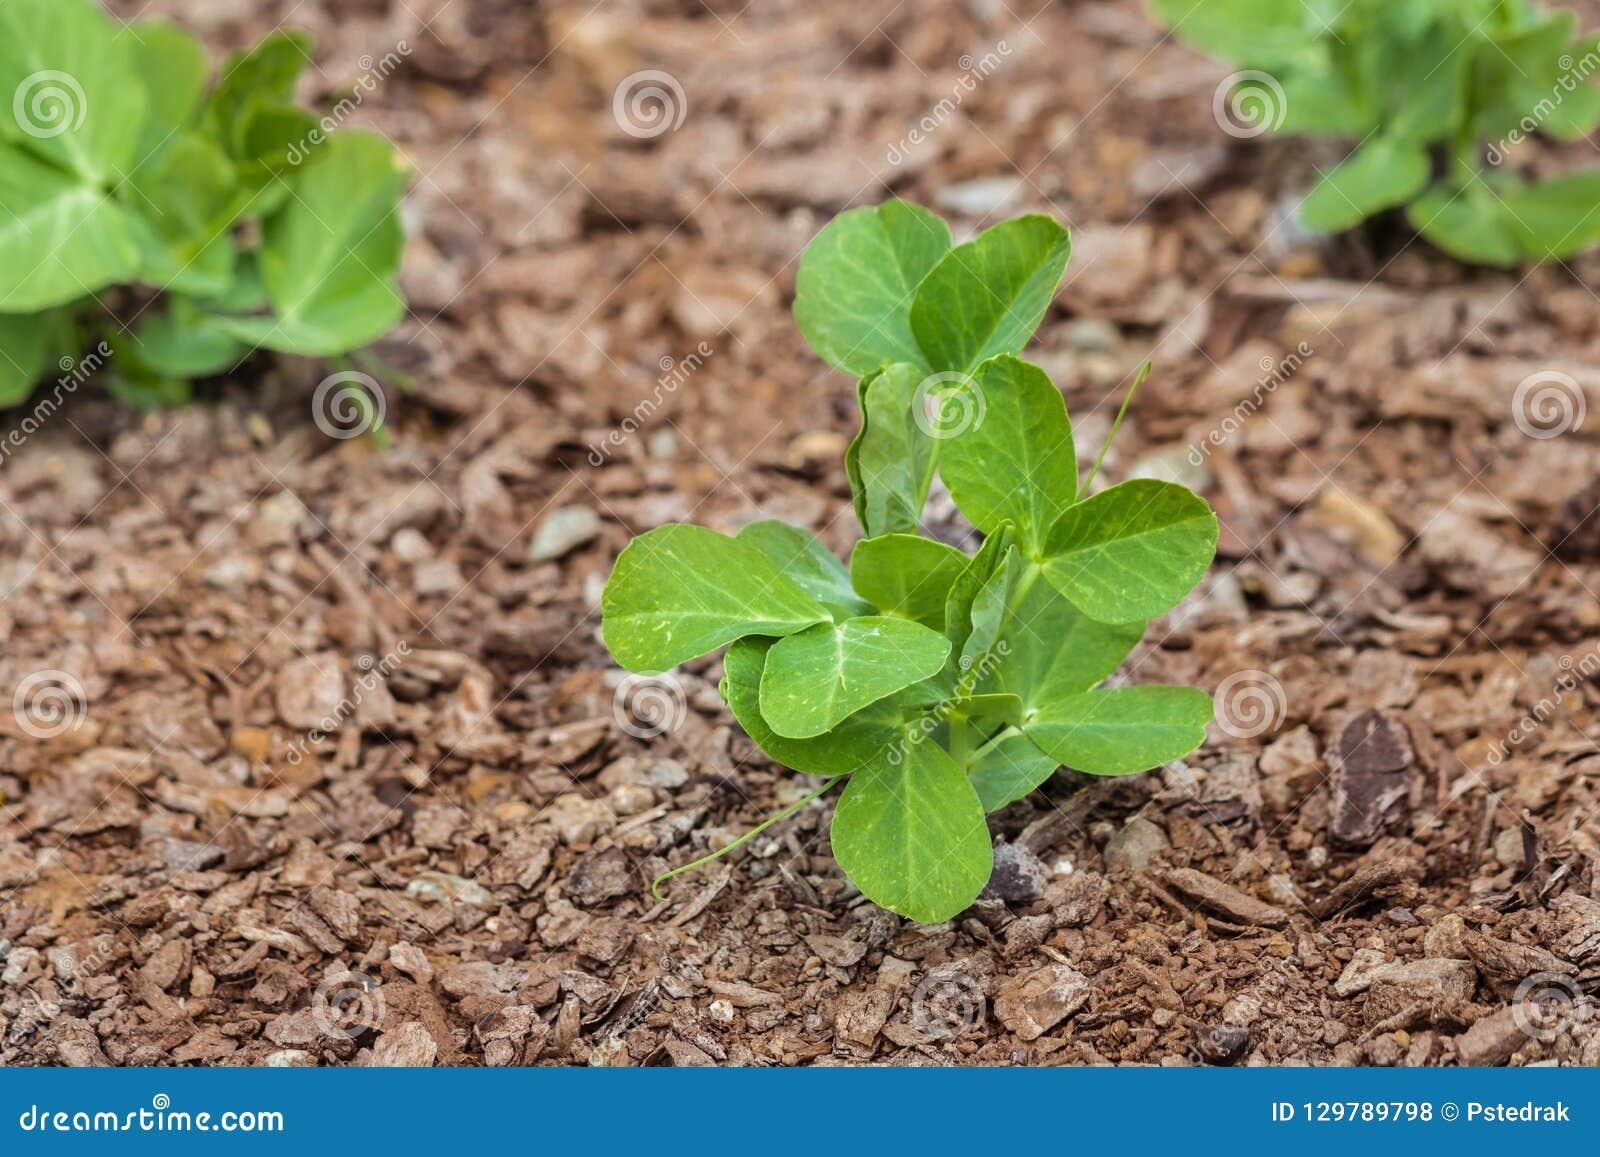 Garden pea seedlings growing in garden